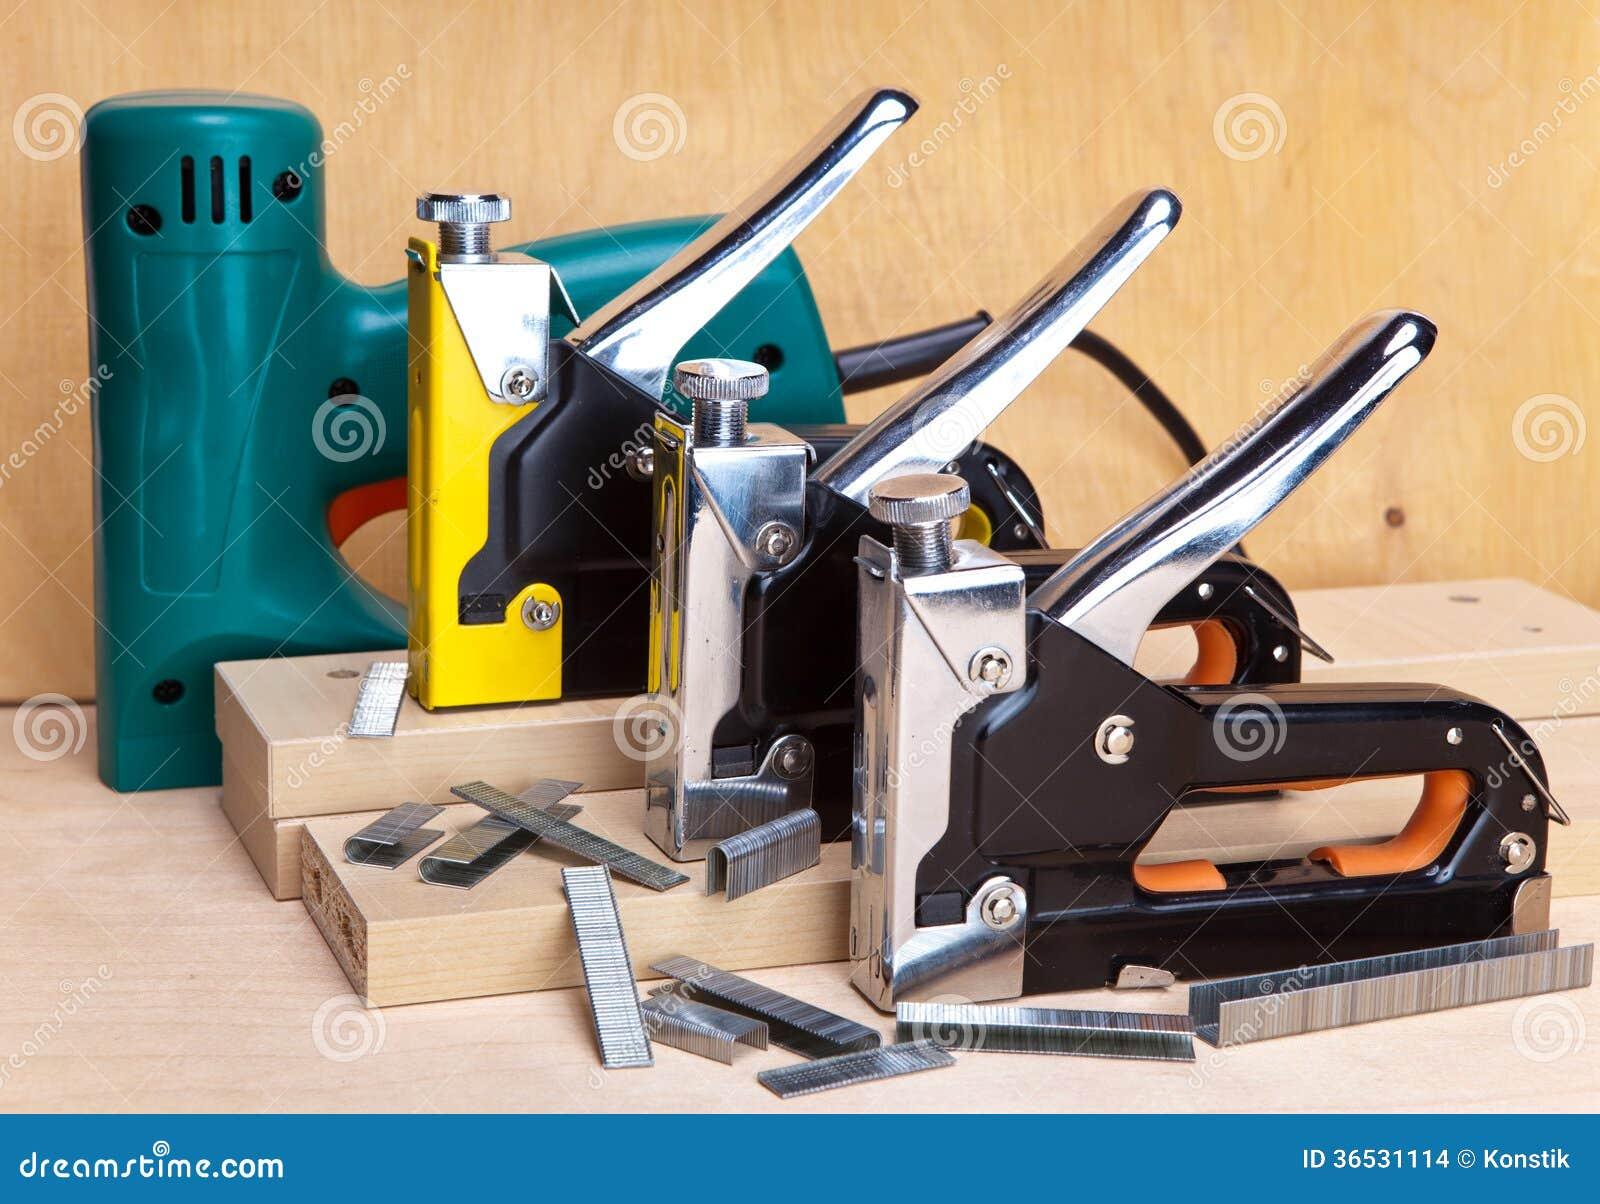 Elektriska häftapparater och manuellt mekaniskt - för reparationsarbete i huset och på möblemang och konsoler